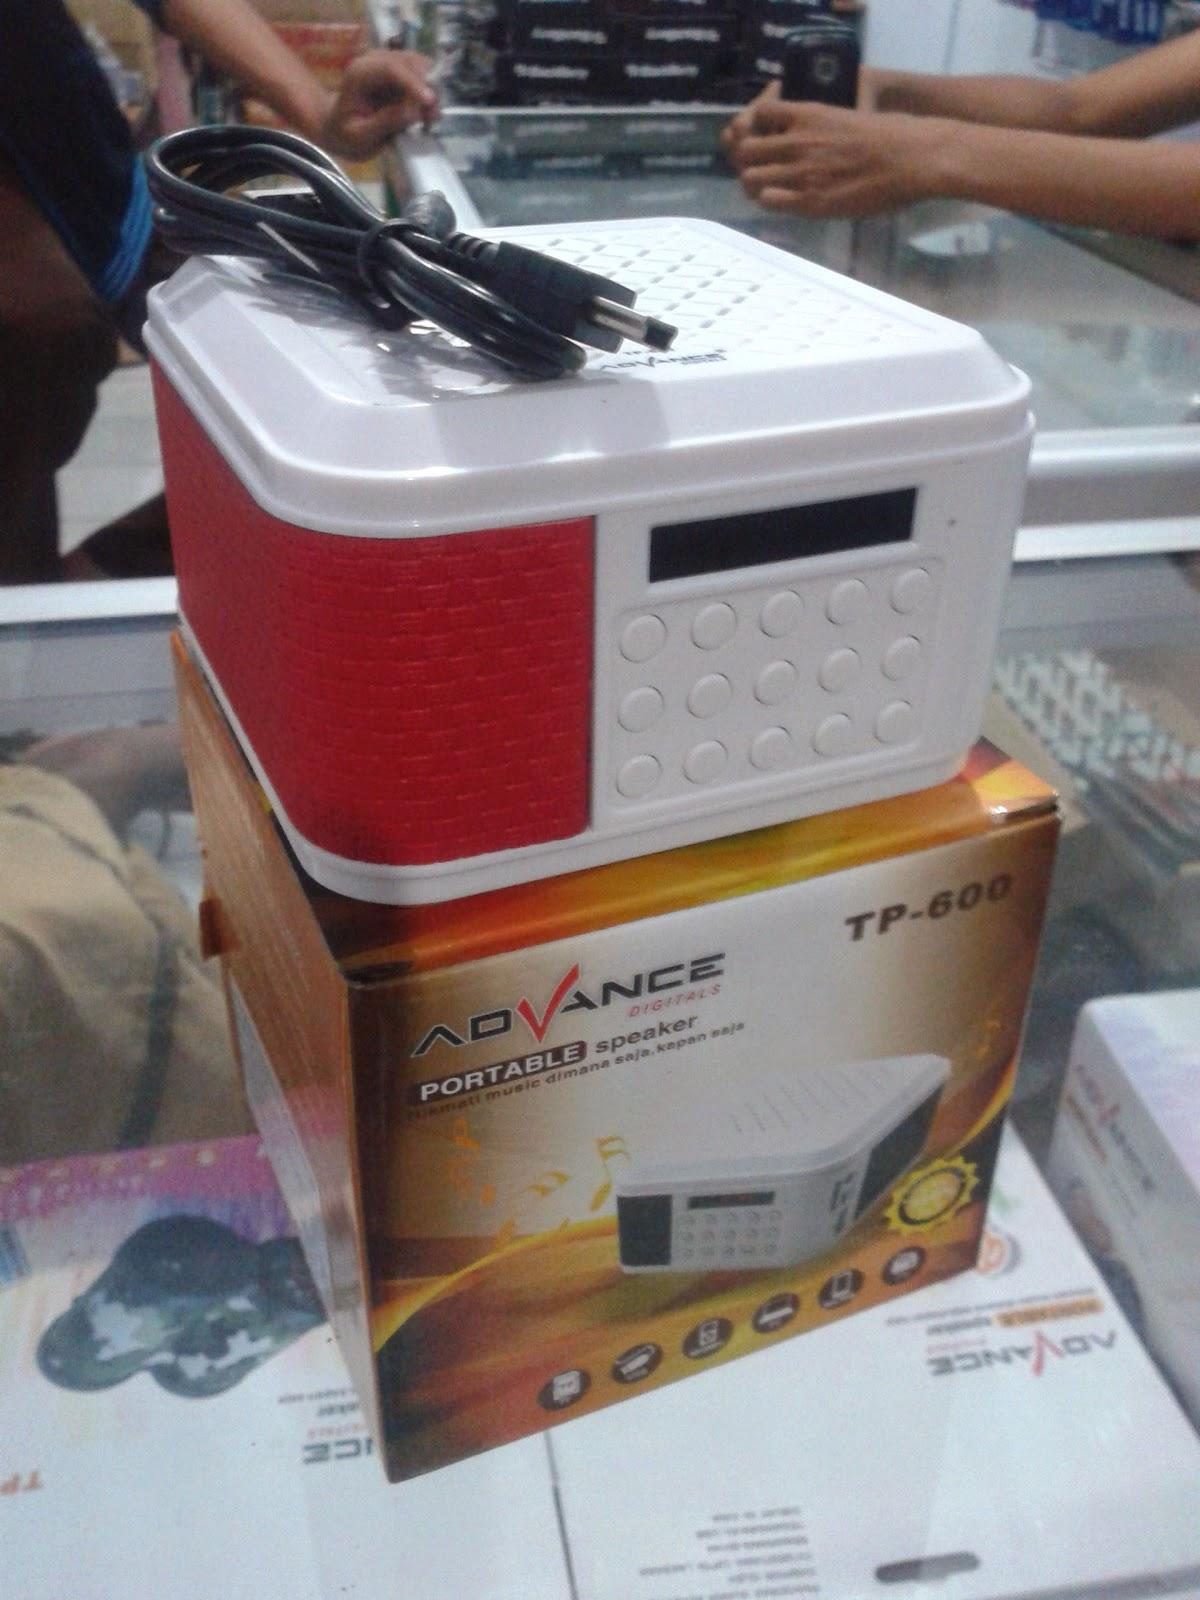 Islamia Celluler Speaker Portable Advance Tp 600 Er R1